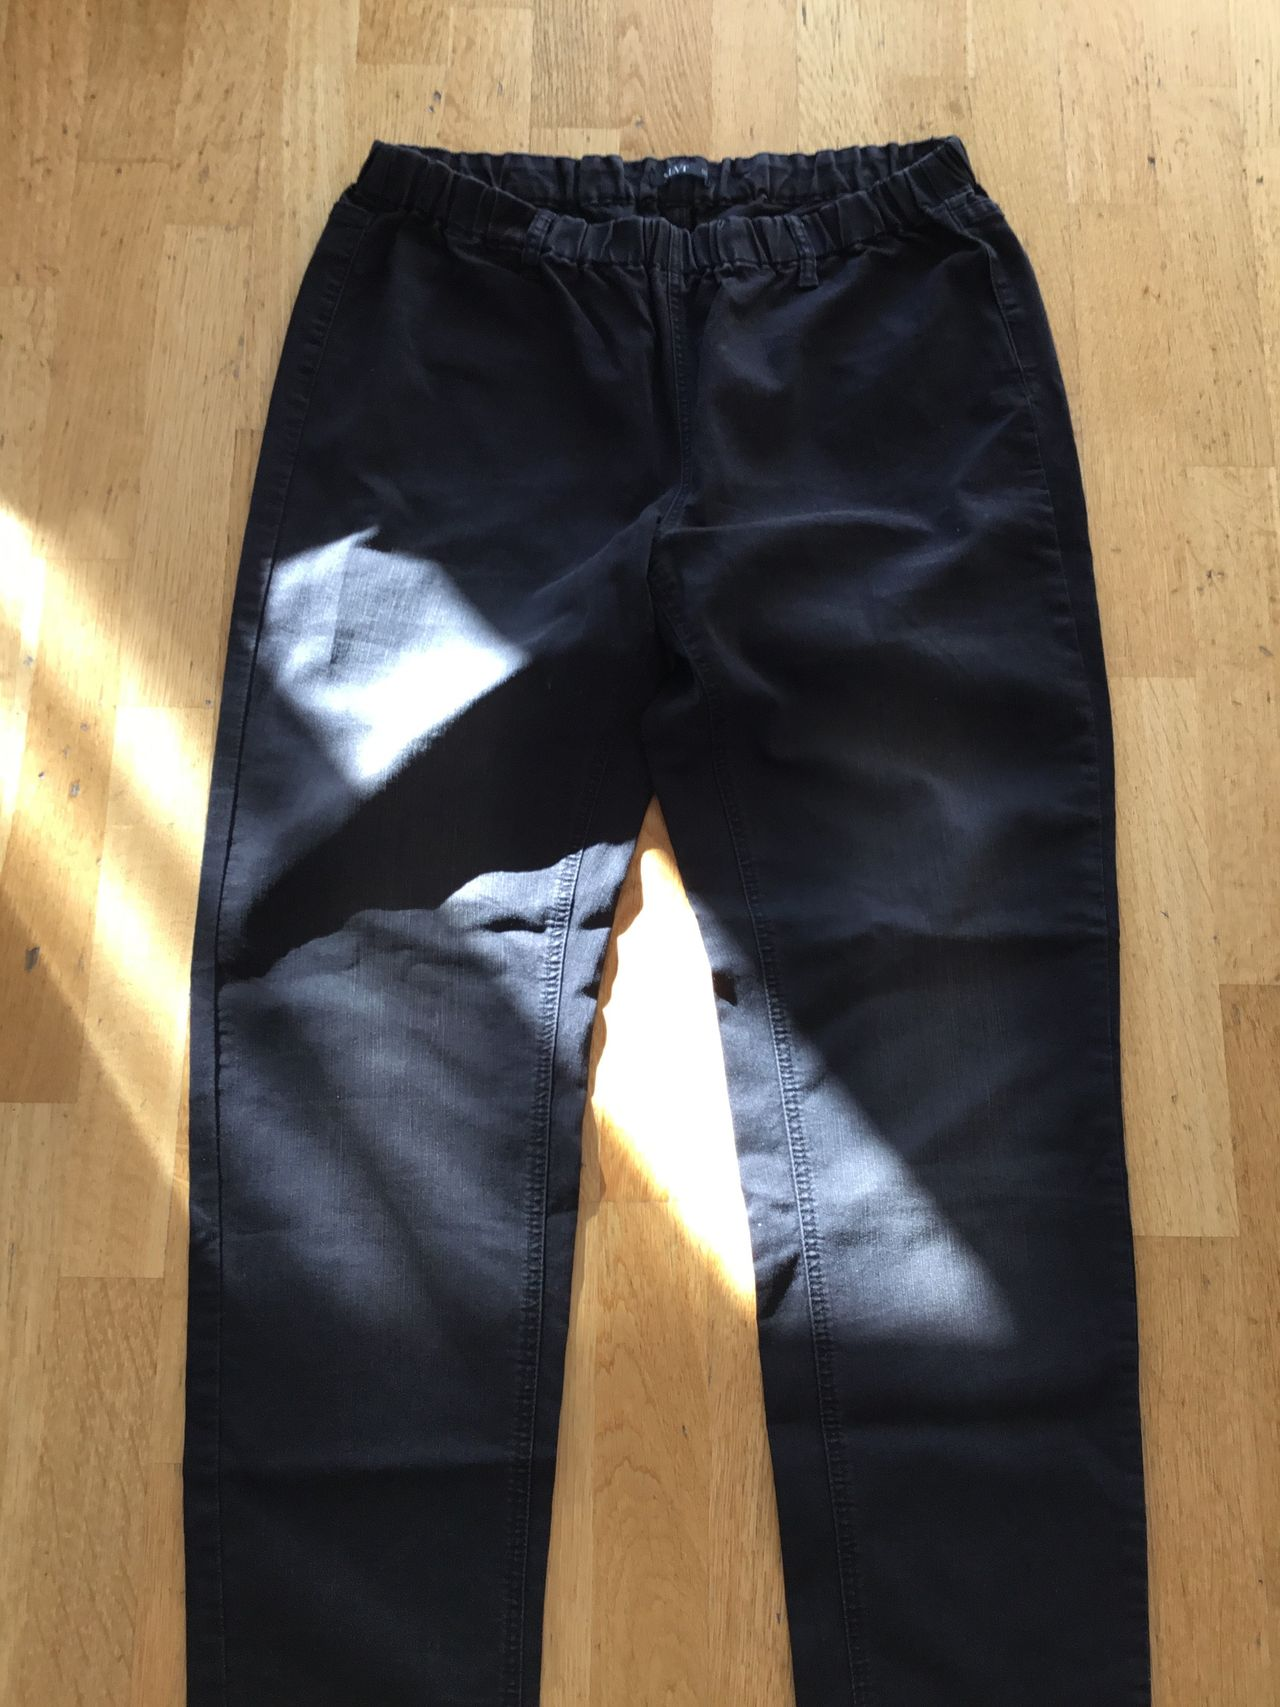 Klær dame jeans olabukse bukse str 38 | FINN.no